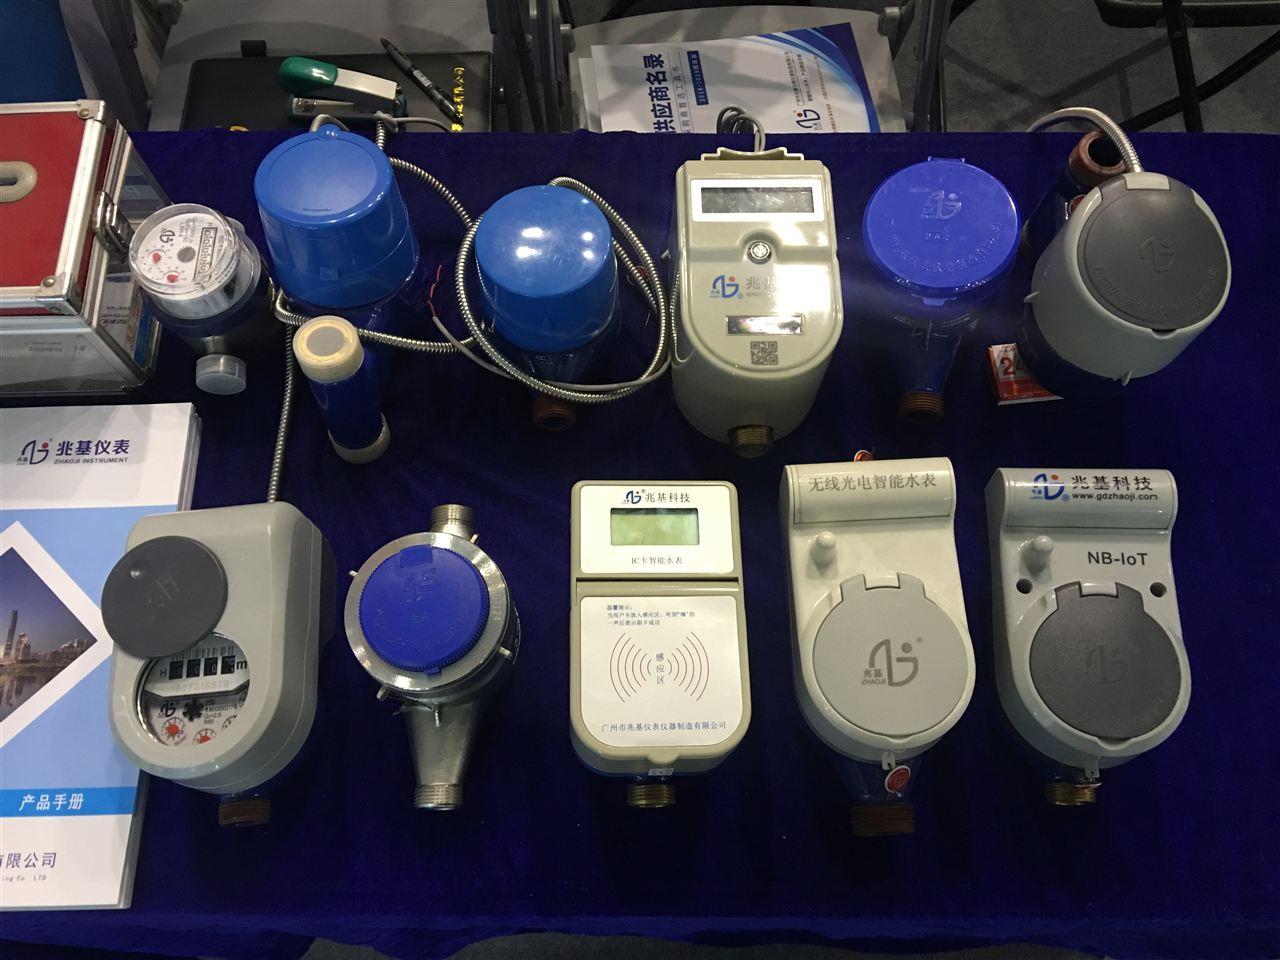 宁波水表中标5464万元无线智能水表采购项目